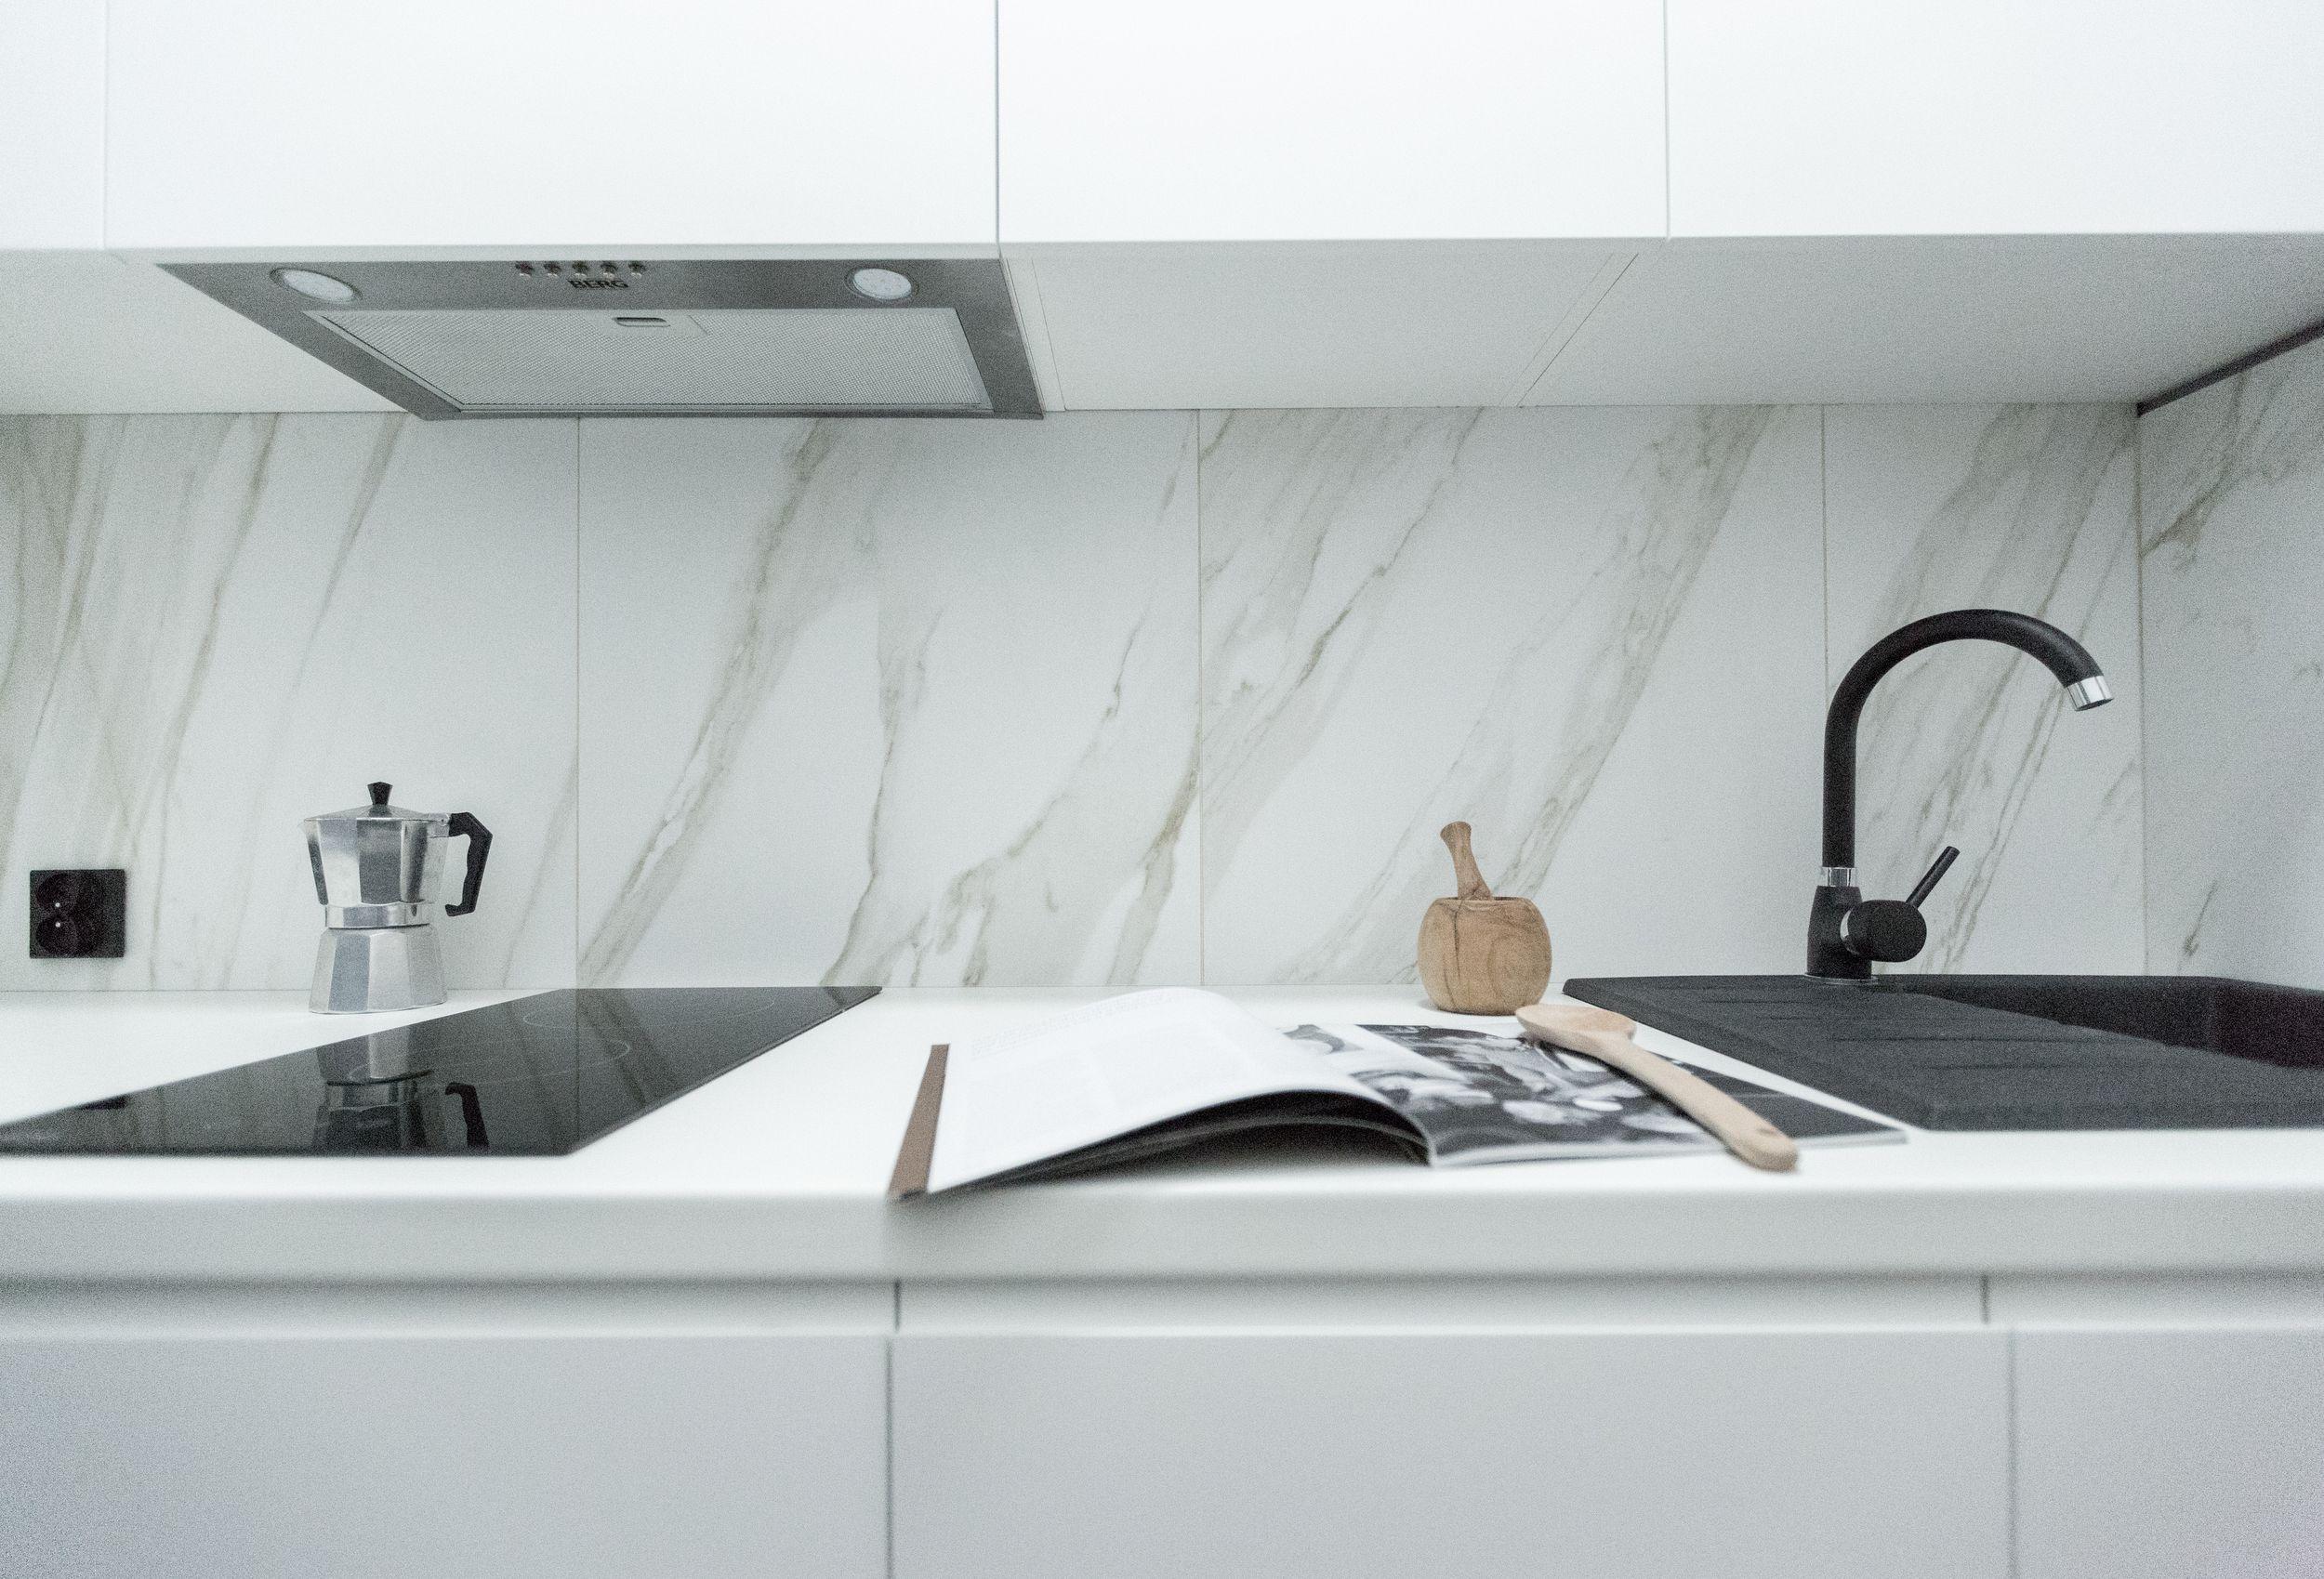 Czarne sprzęty kuchenne w białej kuchni